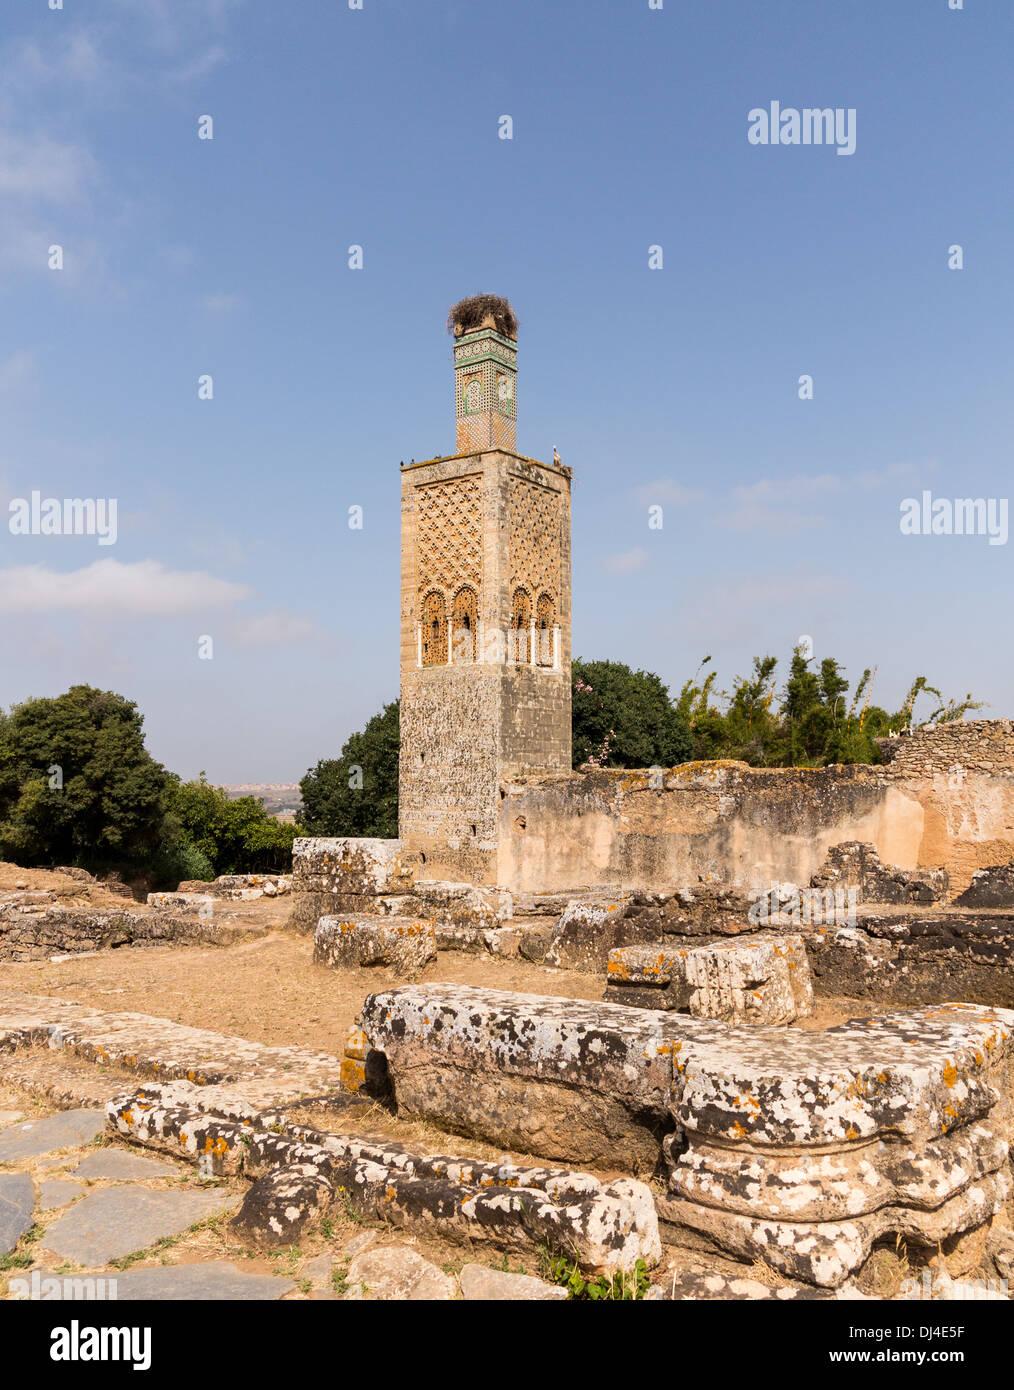 Chellah / Sala Colonia in der Nähe von Rabat in Marokko - eine Ruinenstadt der antiken römischen Arabisch / Nekropole mit Störche Nester Stockbild